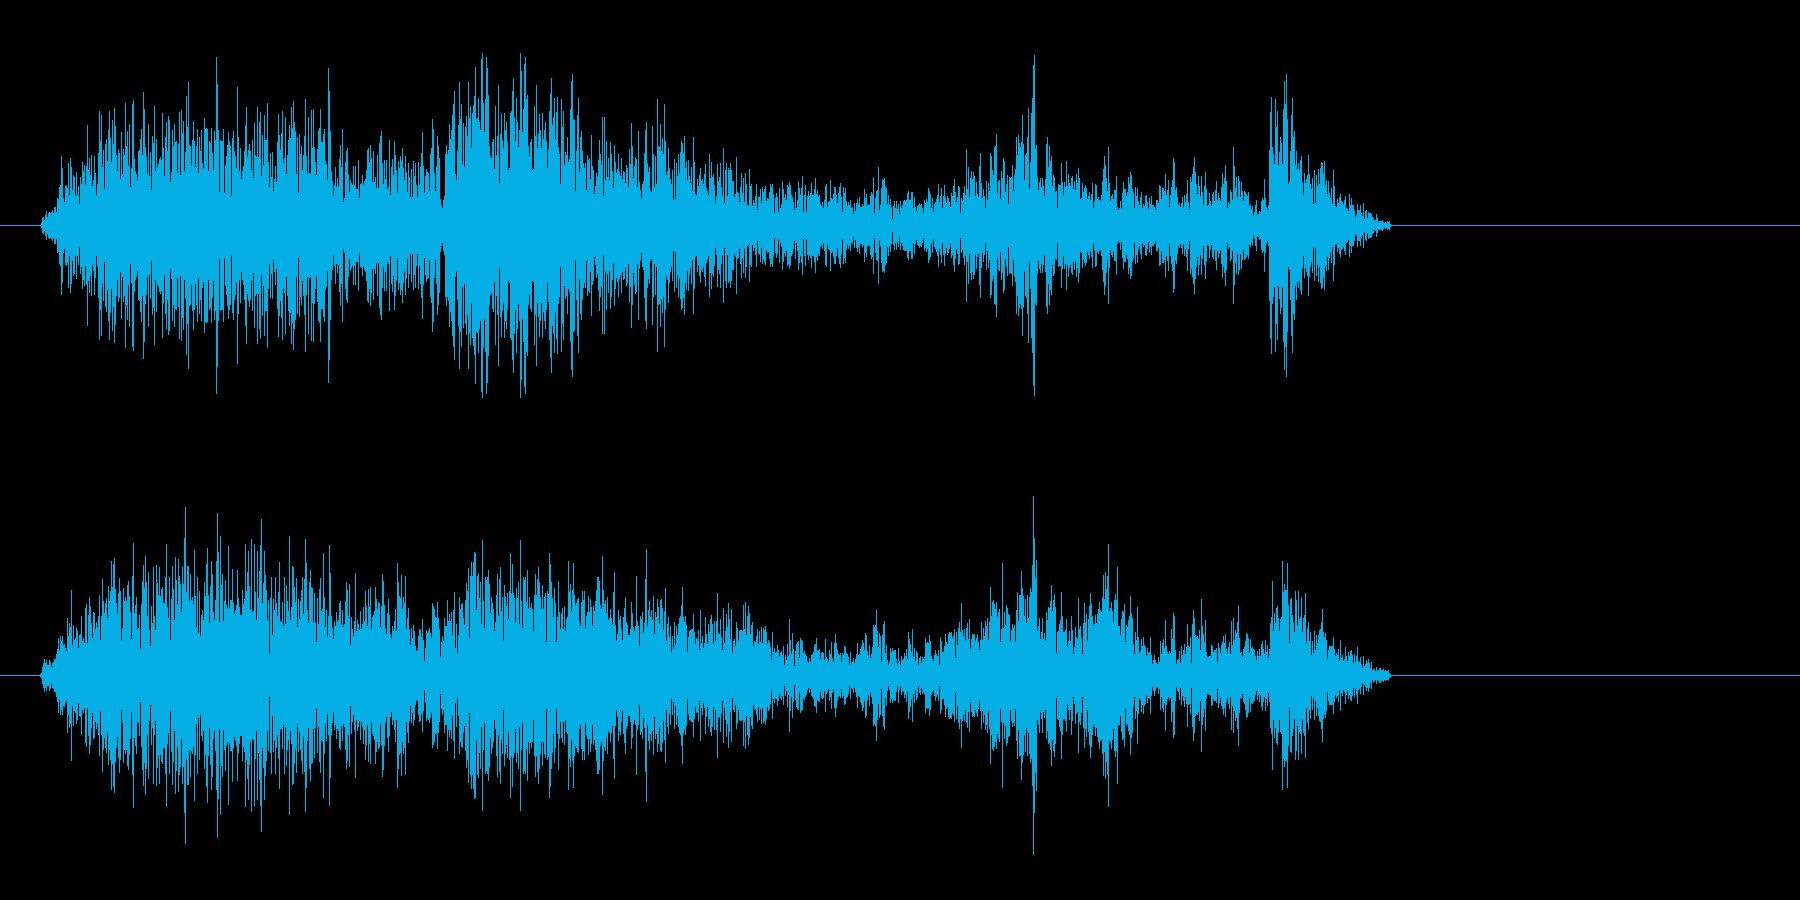 ザリリリッオウスタァーキ!の再生済みの波形